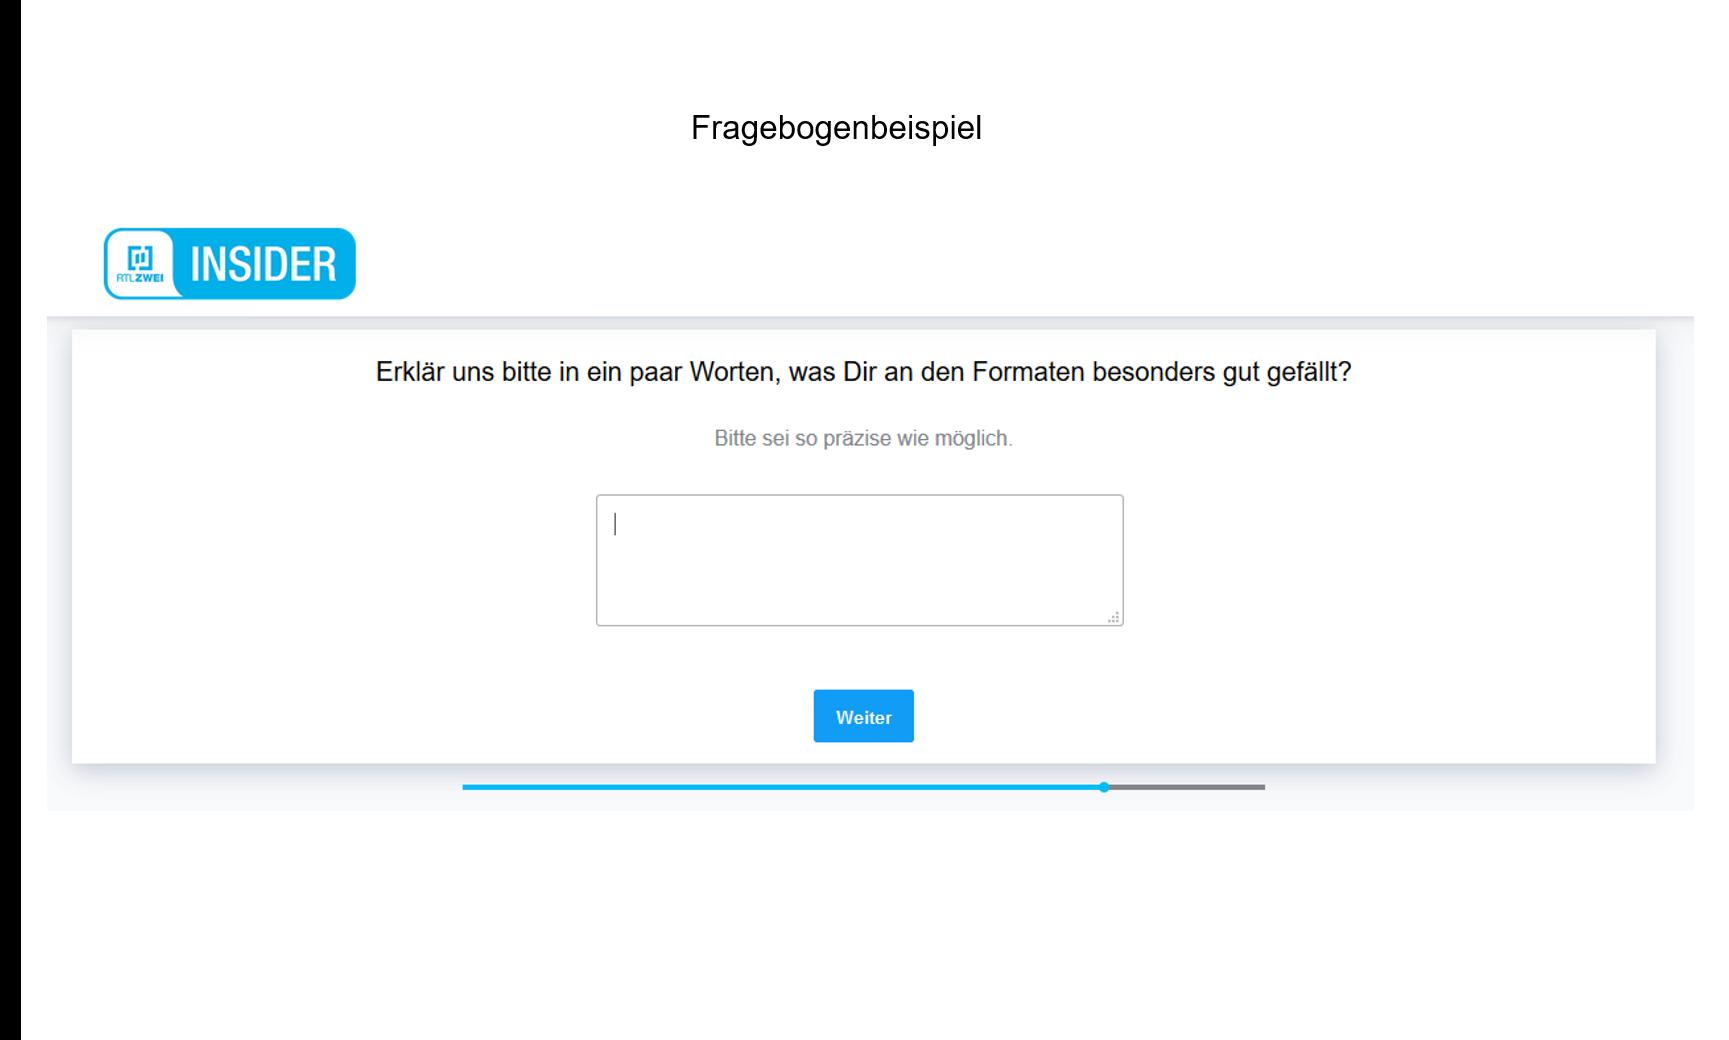 Fragebogenentwicklung Beispiel RTL2 offene Frage